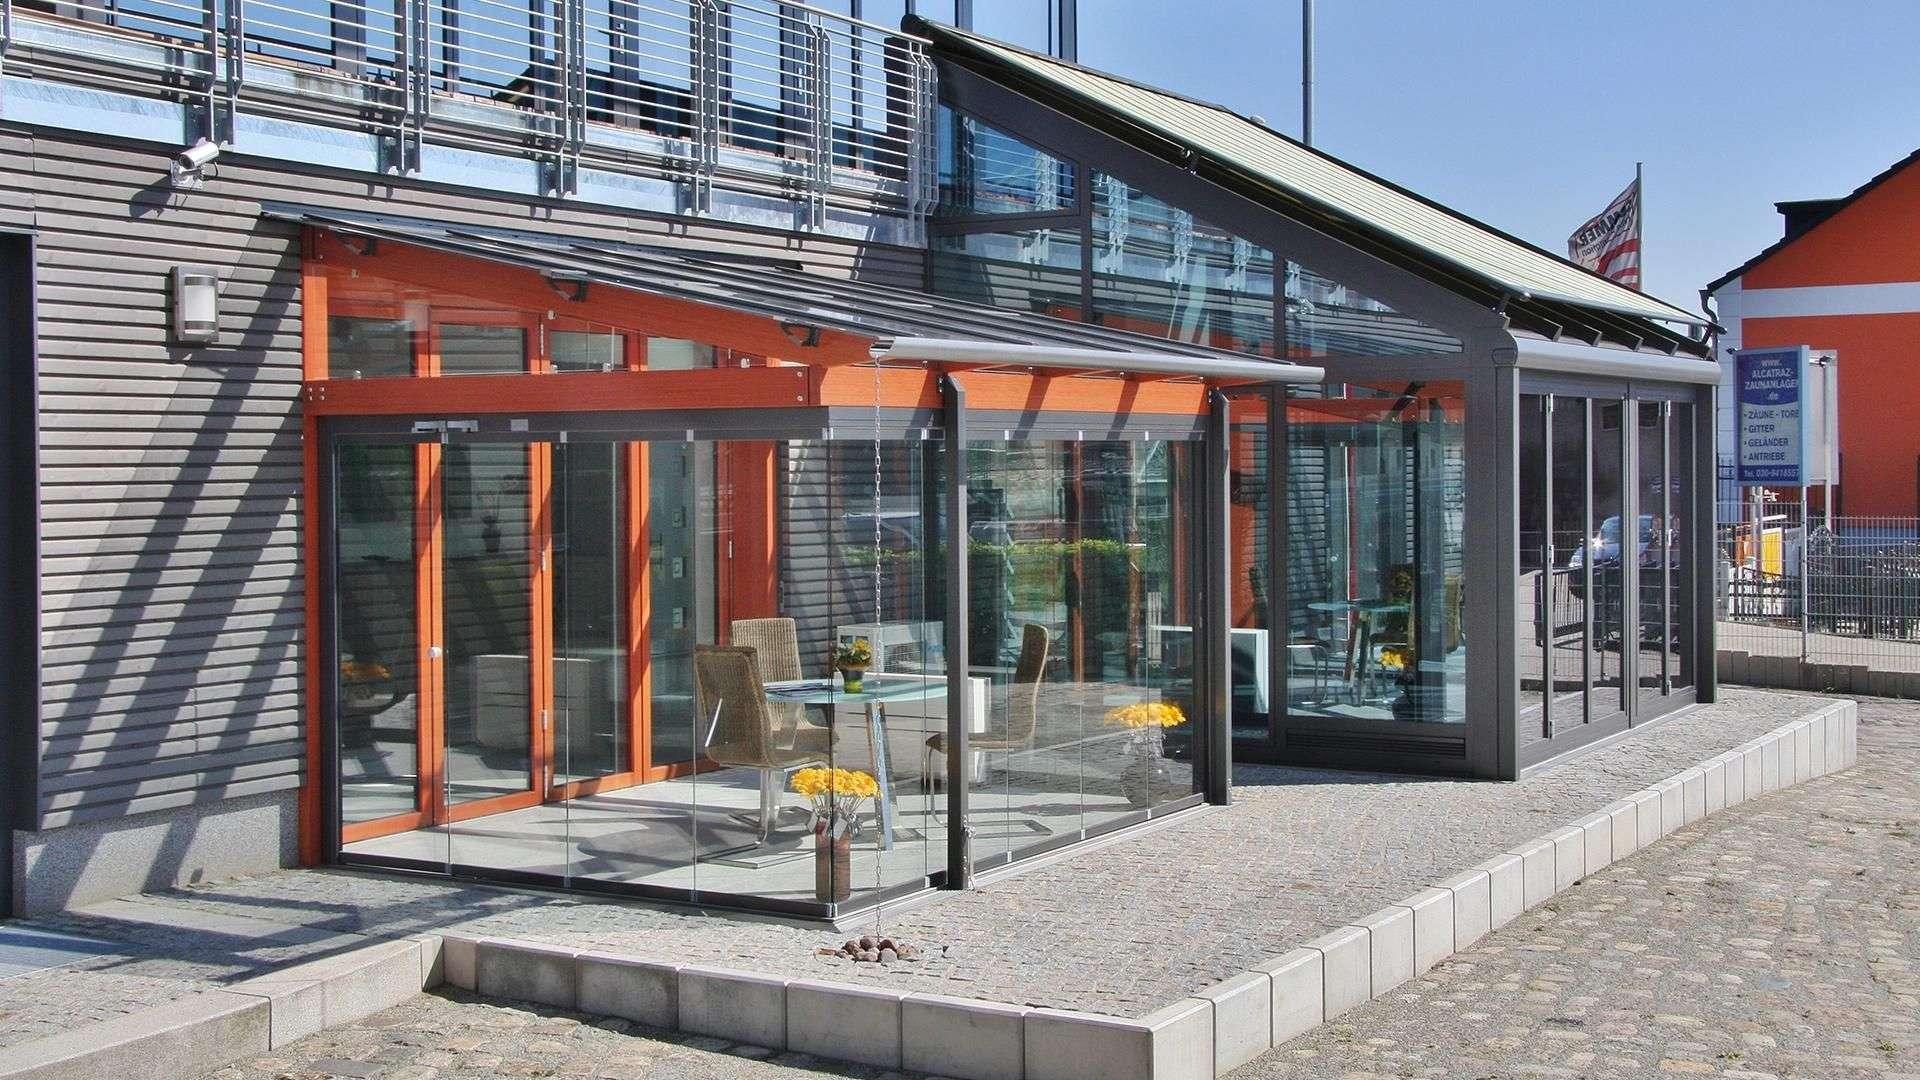 Tiegs Ausstellung in Ahrensfelde